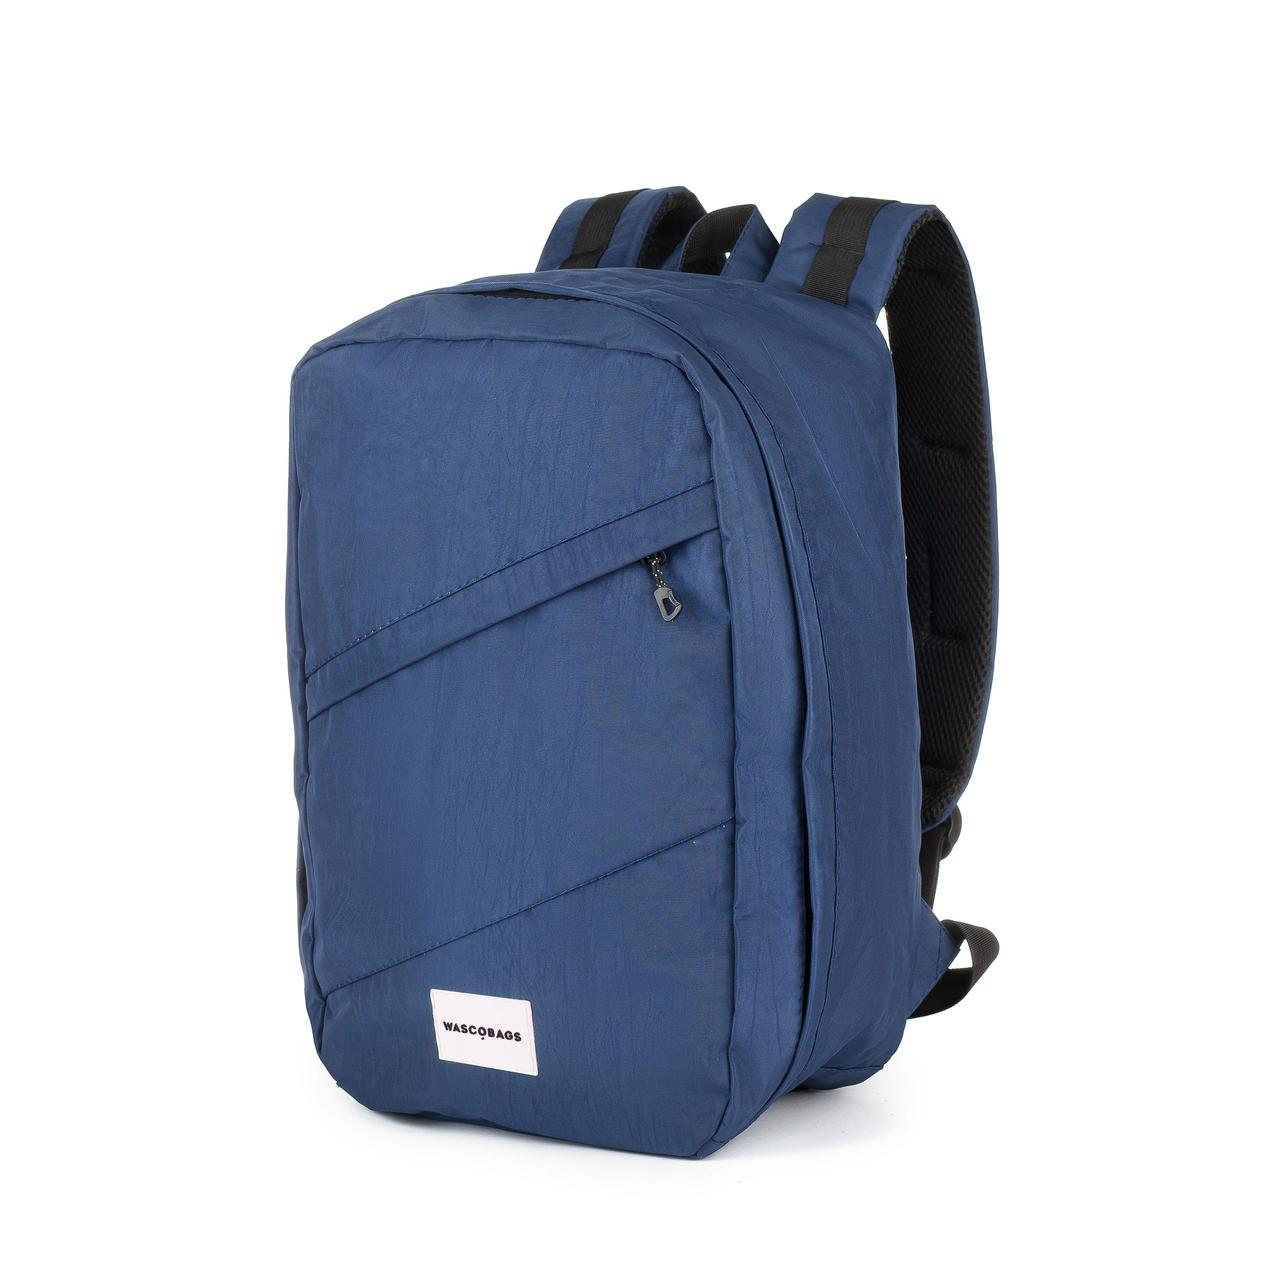 Рюкзак для ручной клади Wascobags 40х20х25 RW Синий